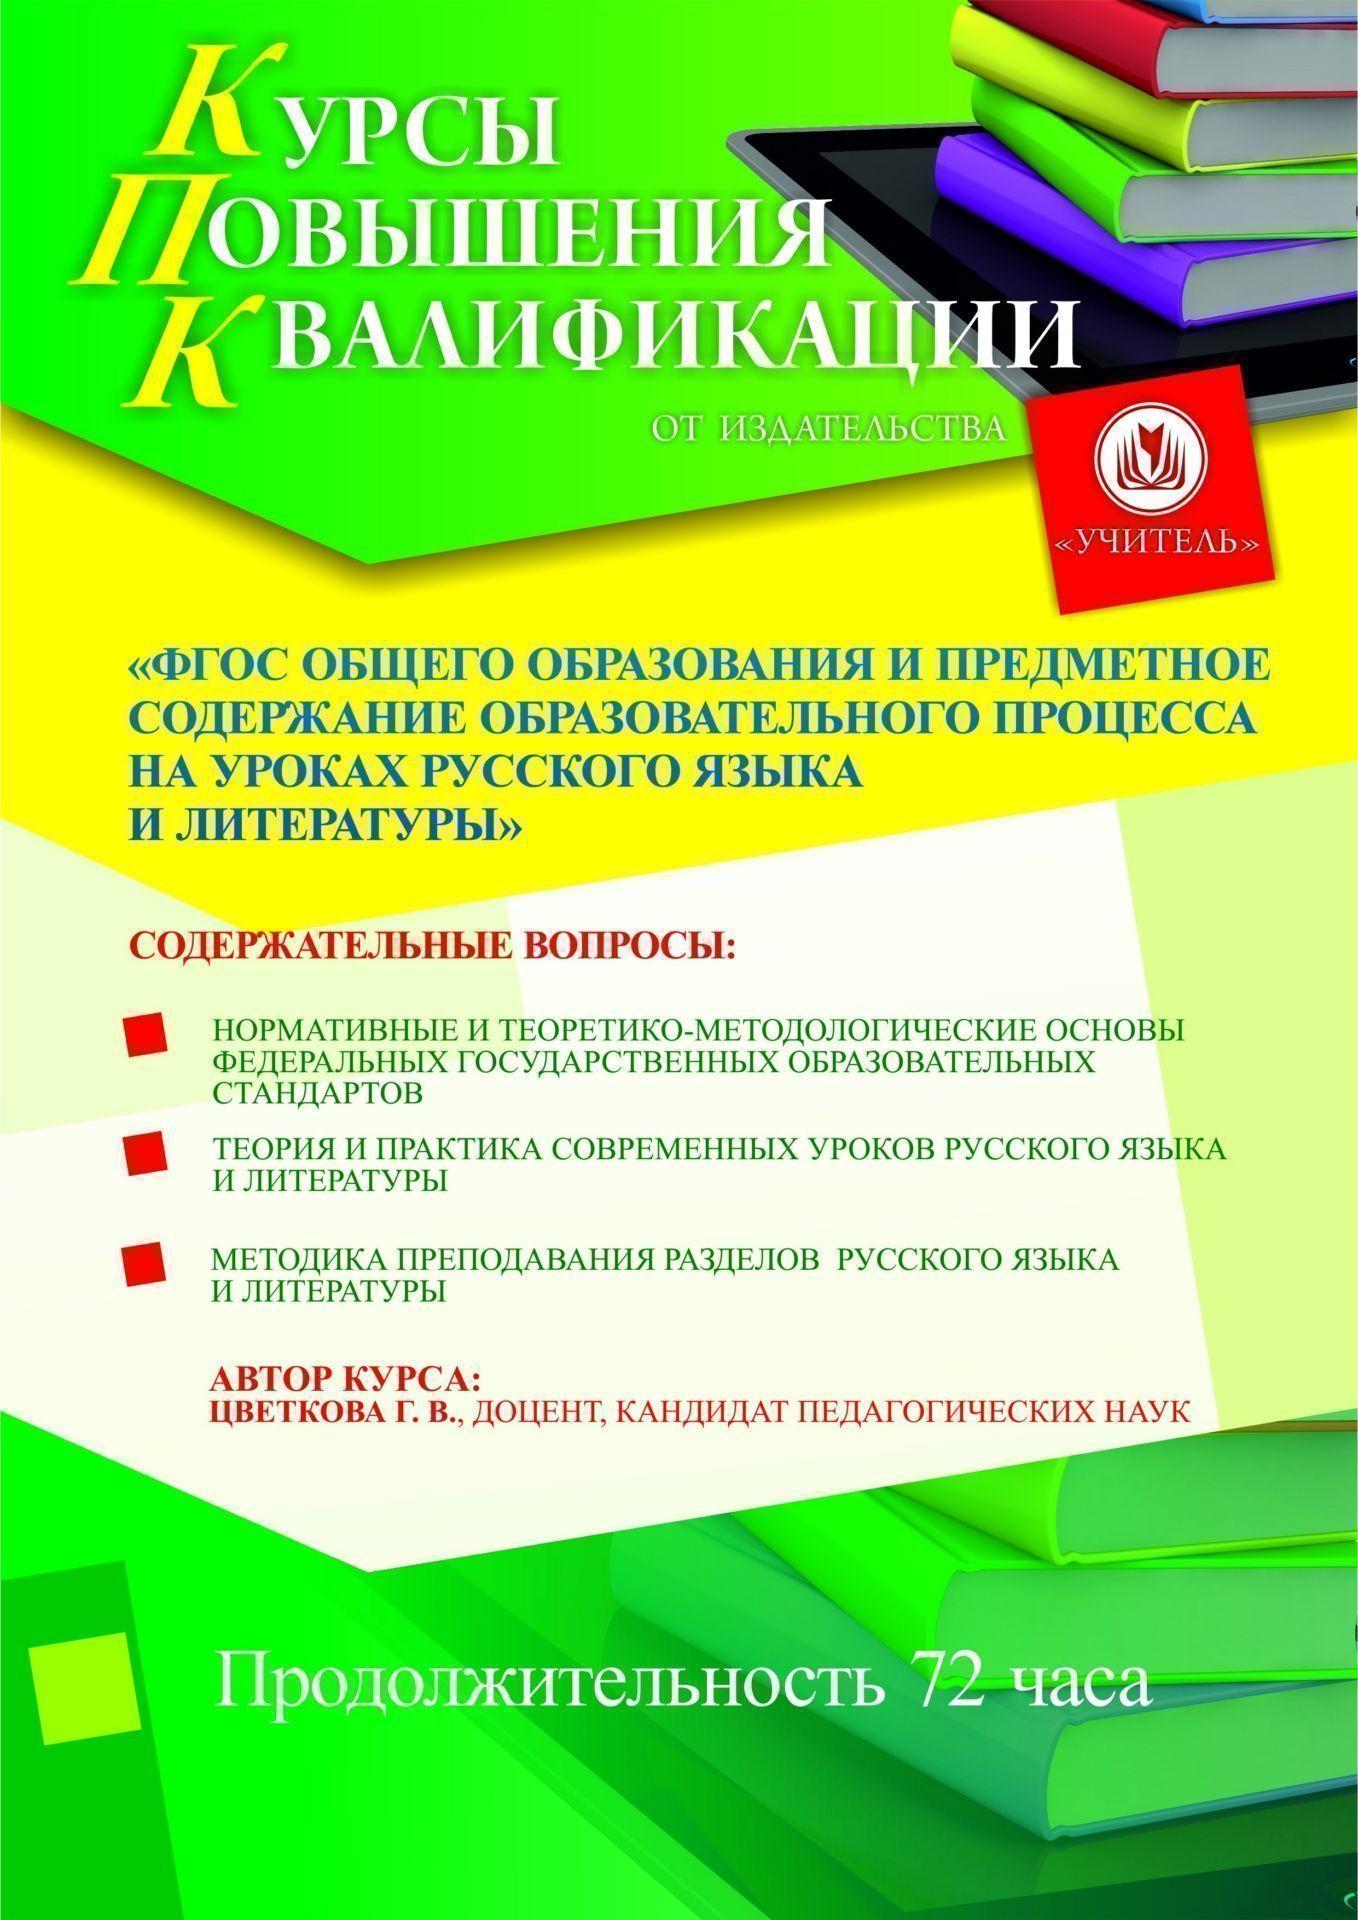 ФГОС общего образования и предметное содержание образовательного процесса на уроках русского языка и литературы (72 ч.) фото